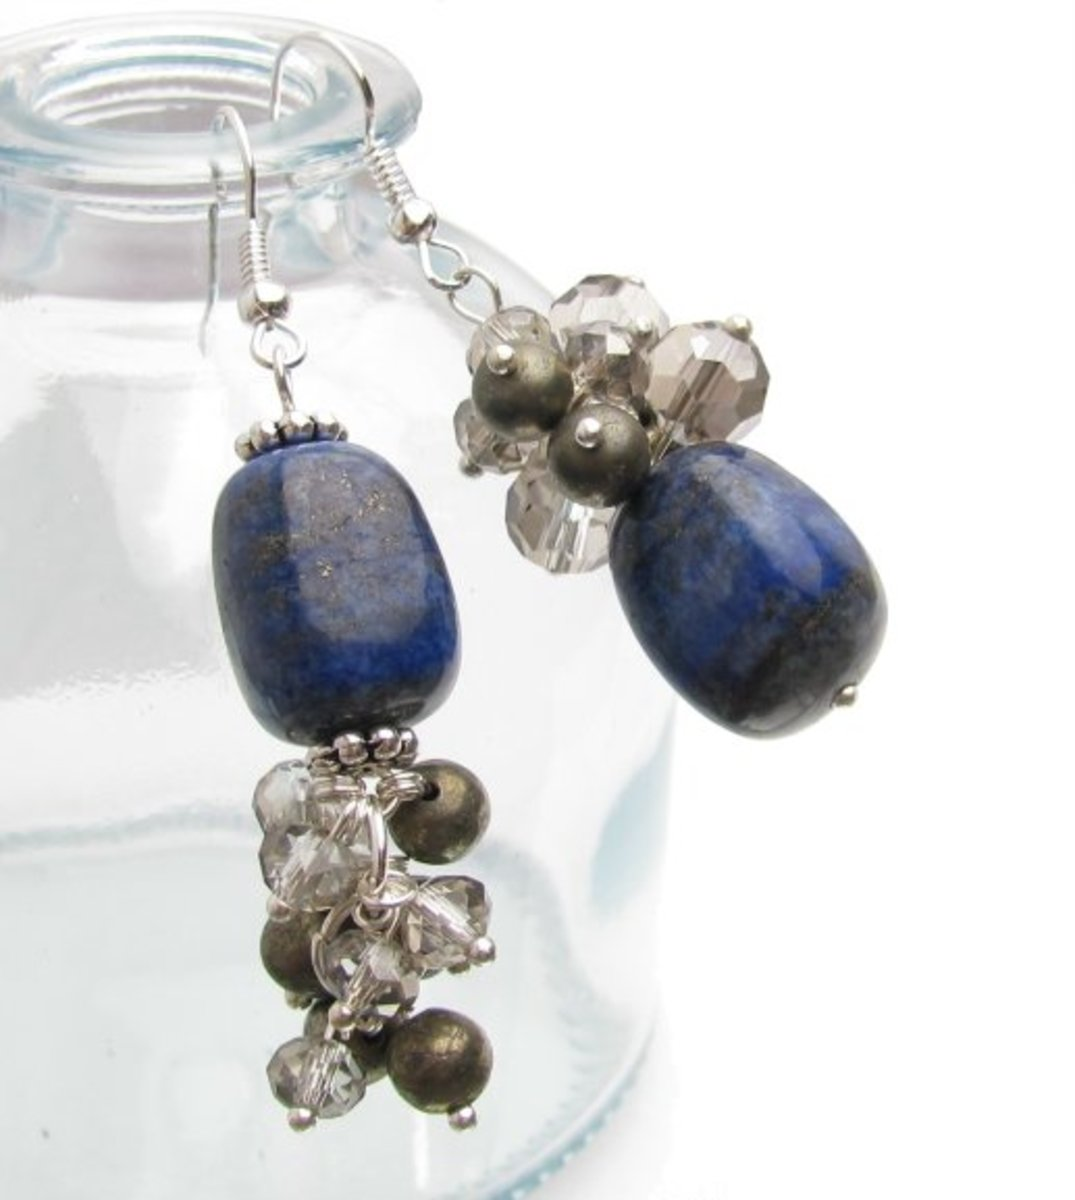 Gemstone Cluster Earrings, Two-ways!